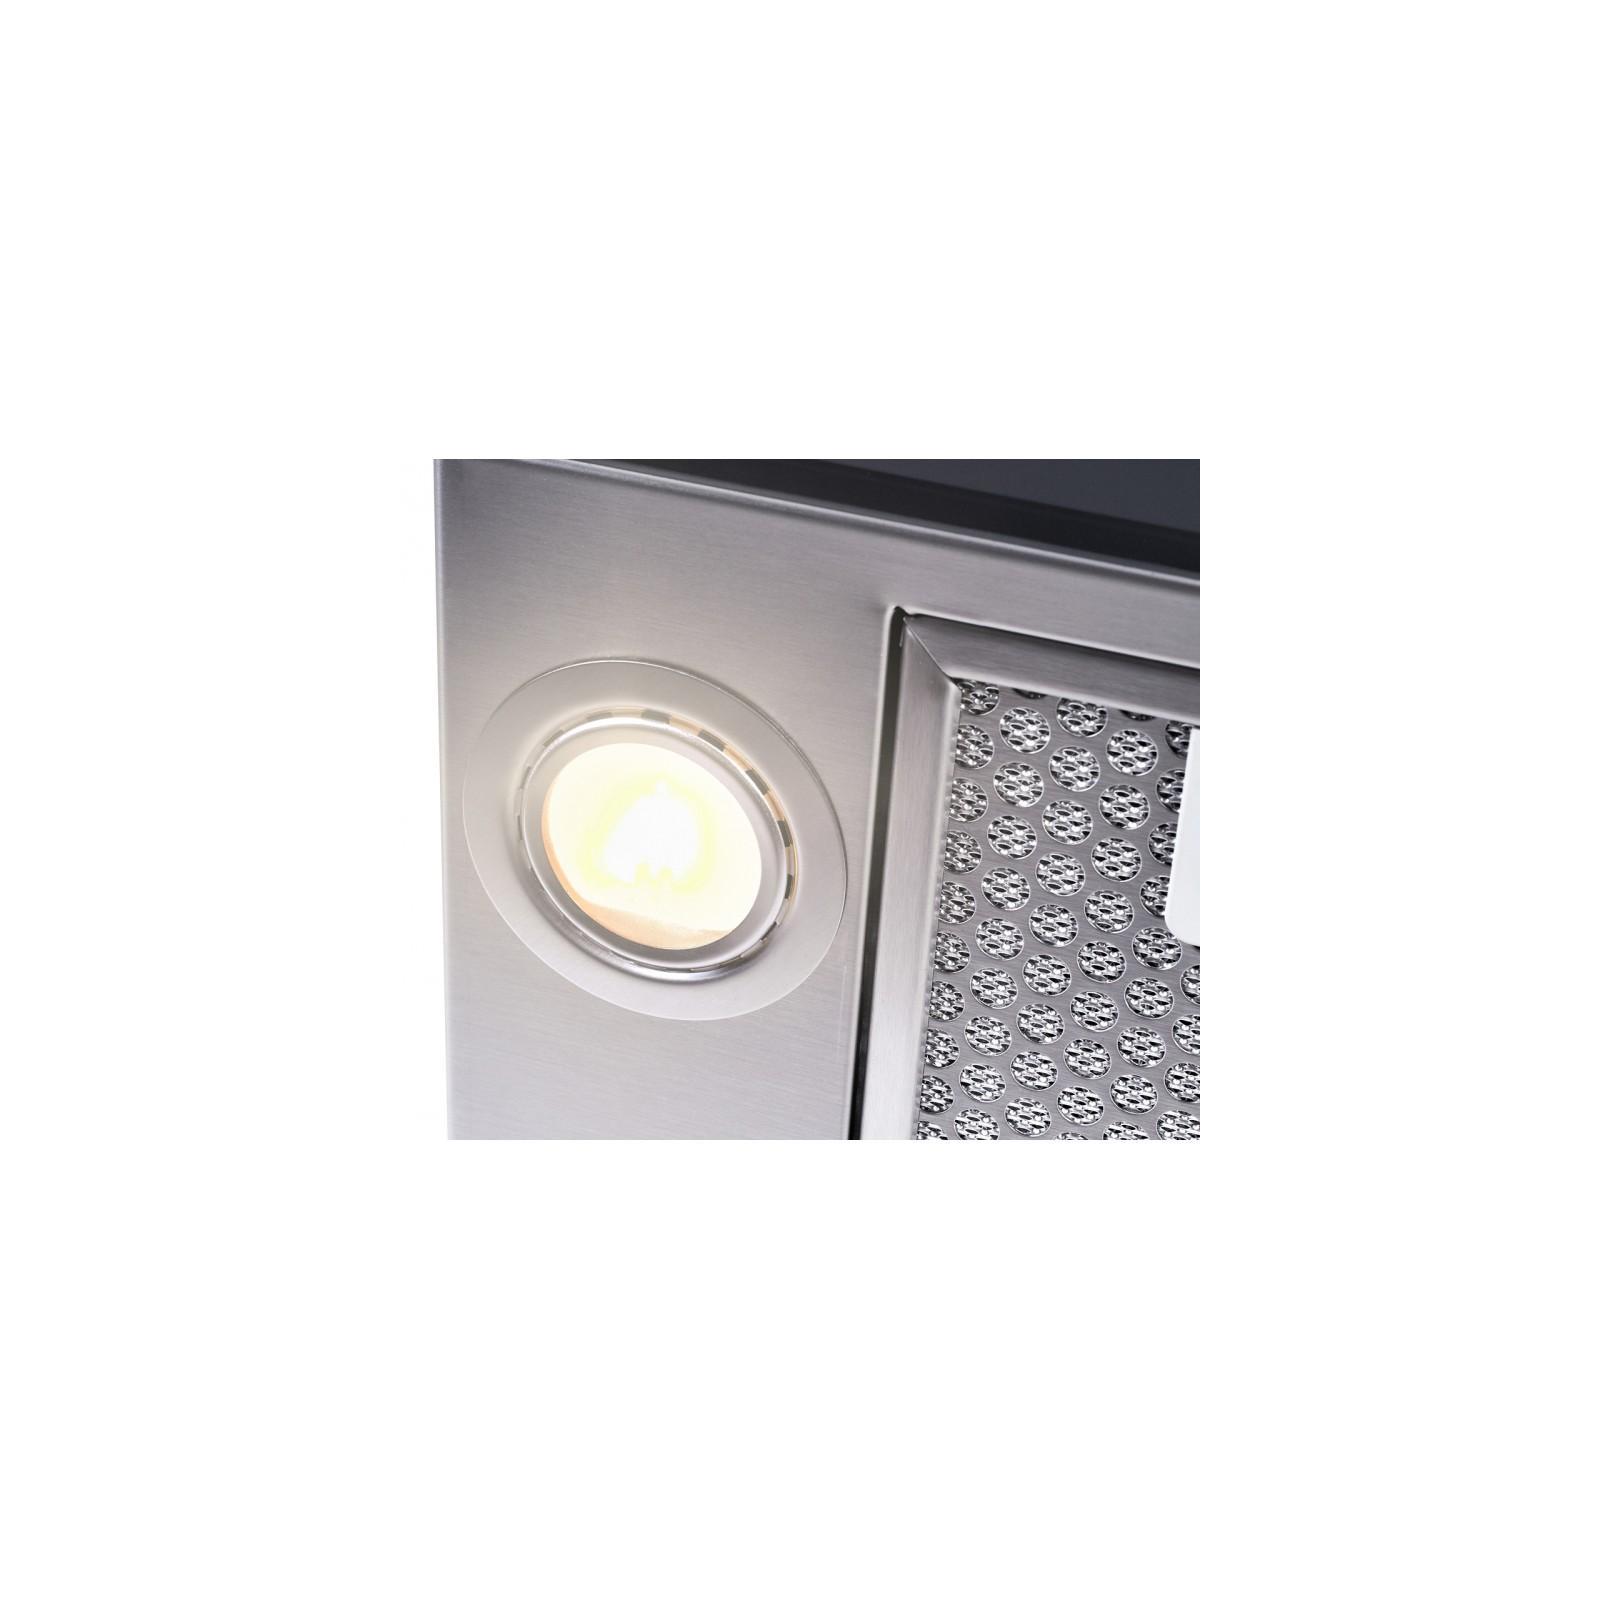 Вытяжка кухонная VENTOLUX PUNTO 60 BG (1200) TRC изображение 4